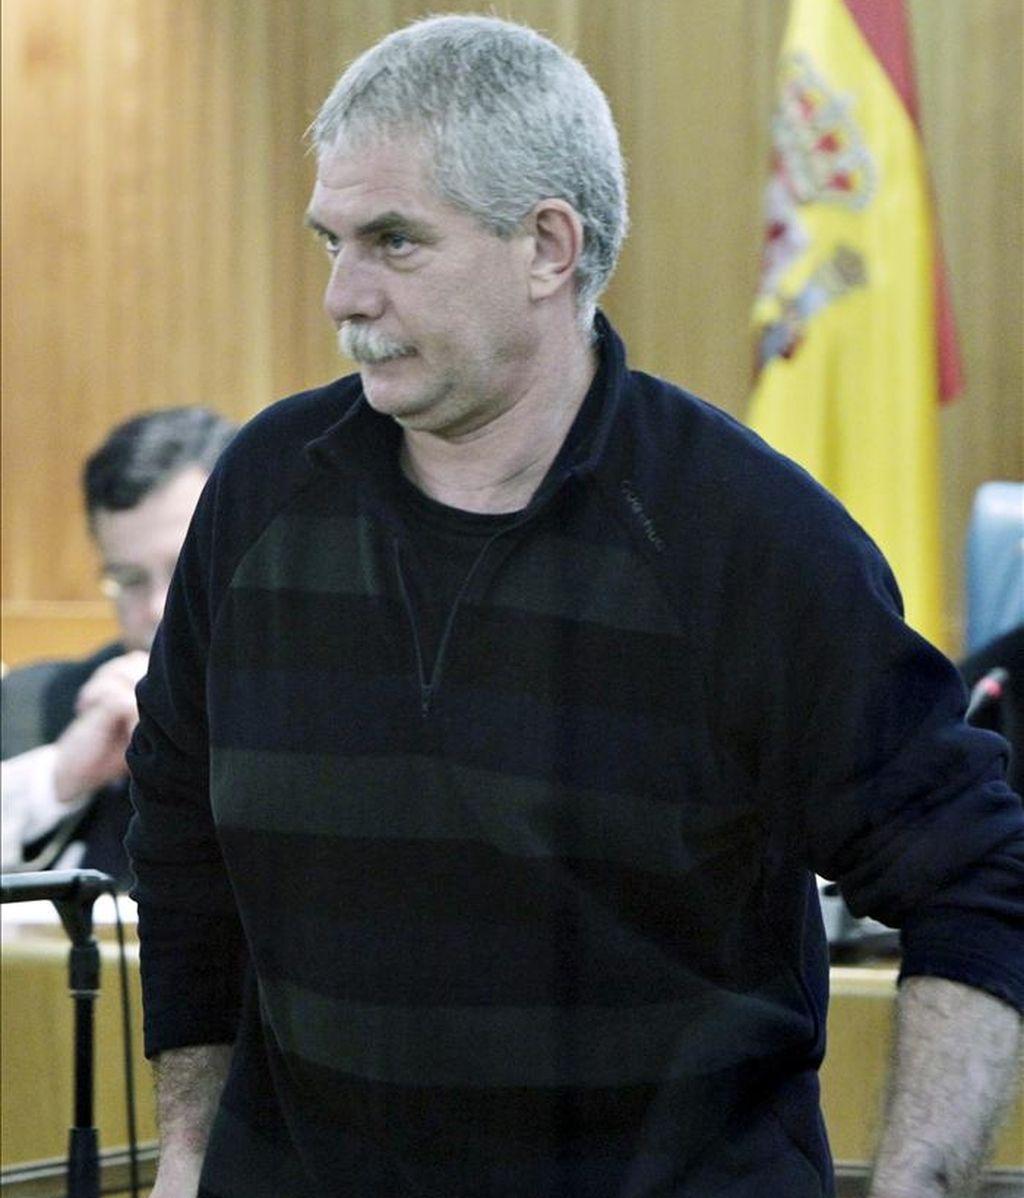 """El etarra Luis Enrique Gárate Galarza, alias """"Zorro"""", en la Audiencia Nacional, donde desde hoy se le juzga por el secuestro del industrial Lucio Aguinagalde en 1986. EFE"""